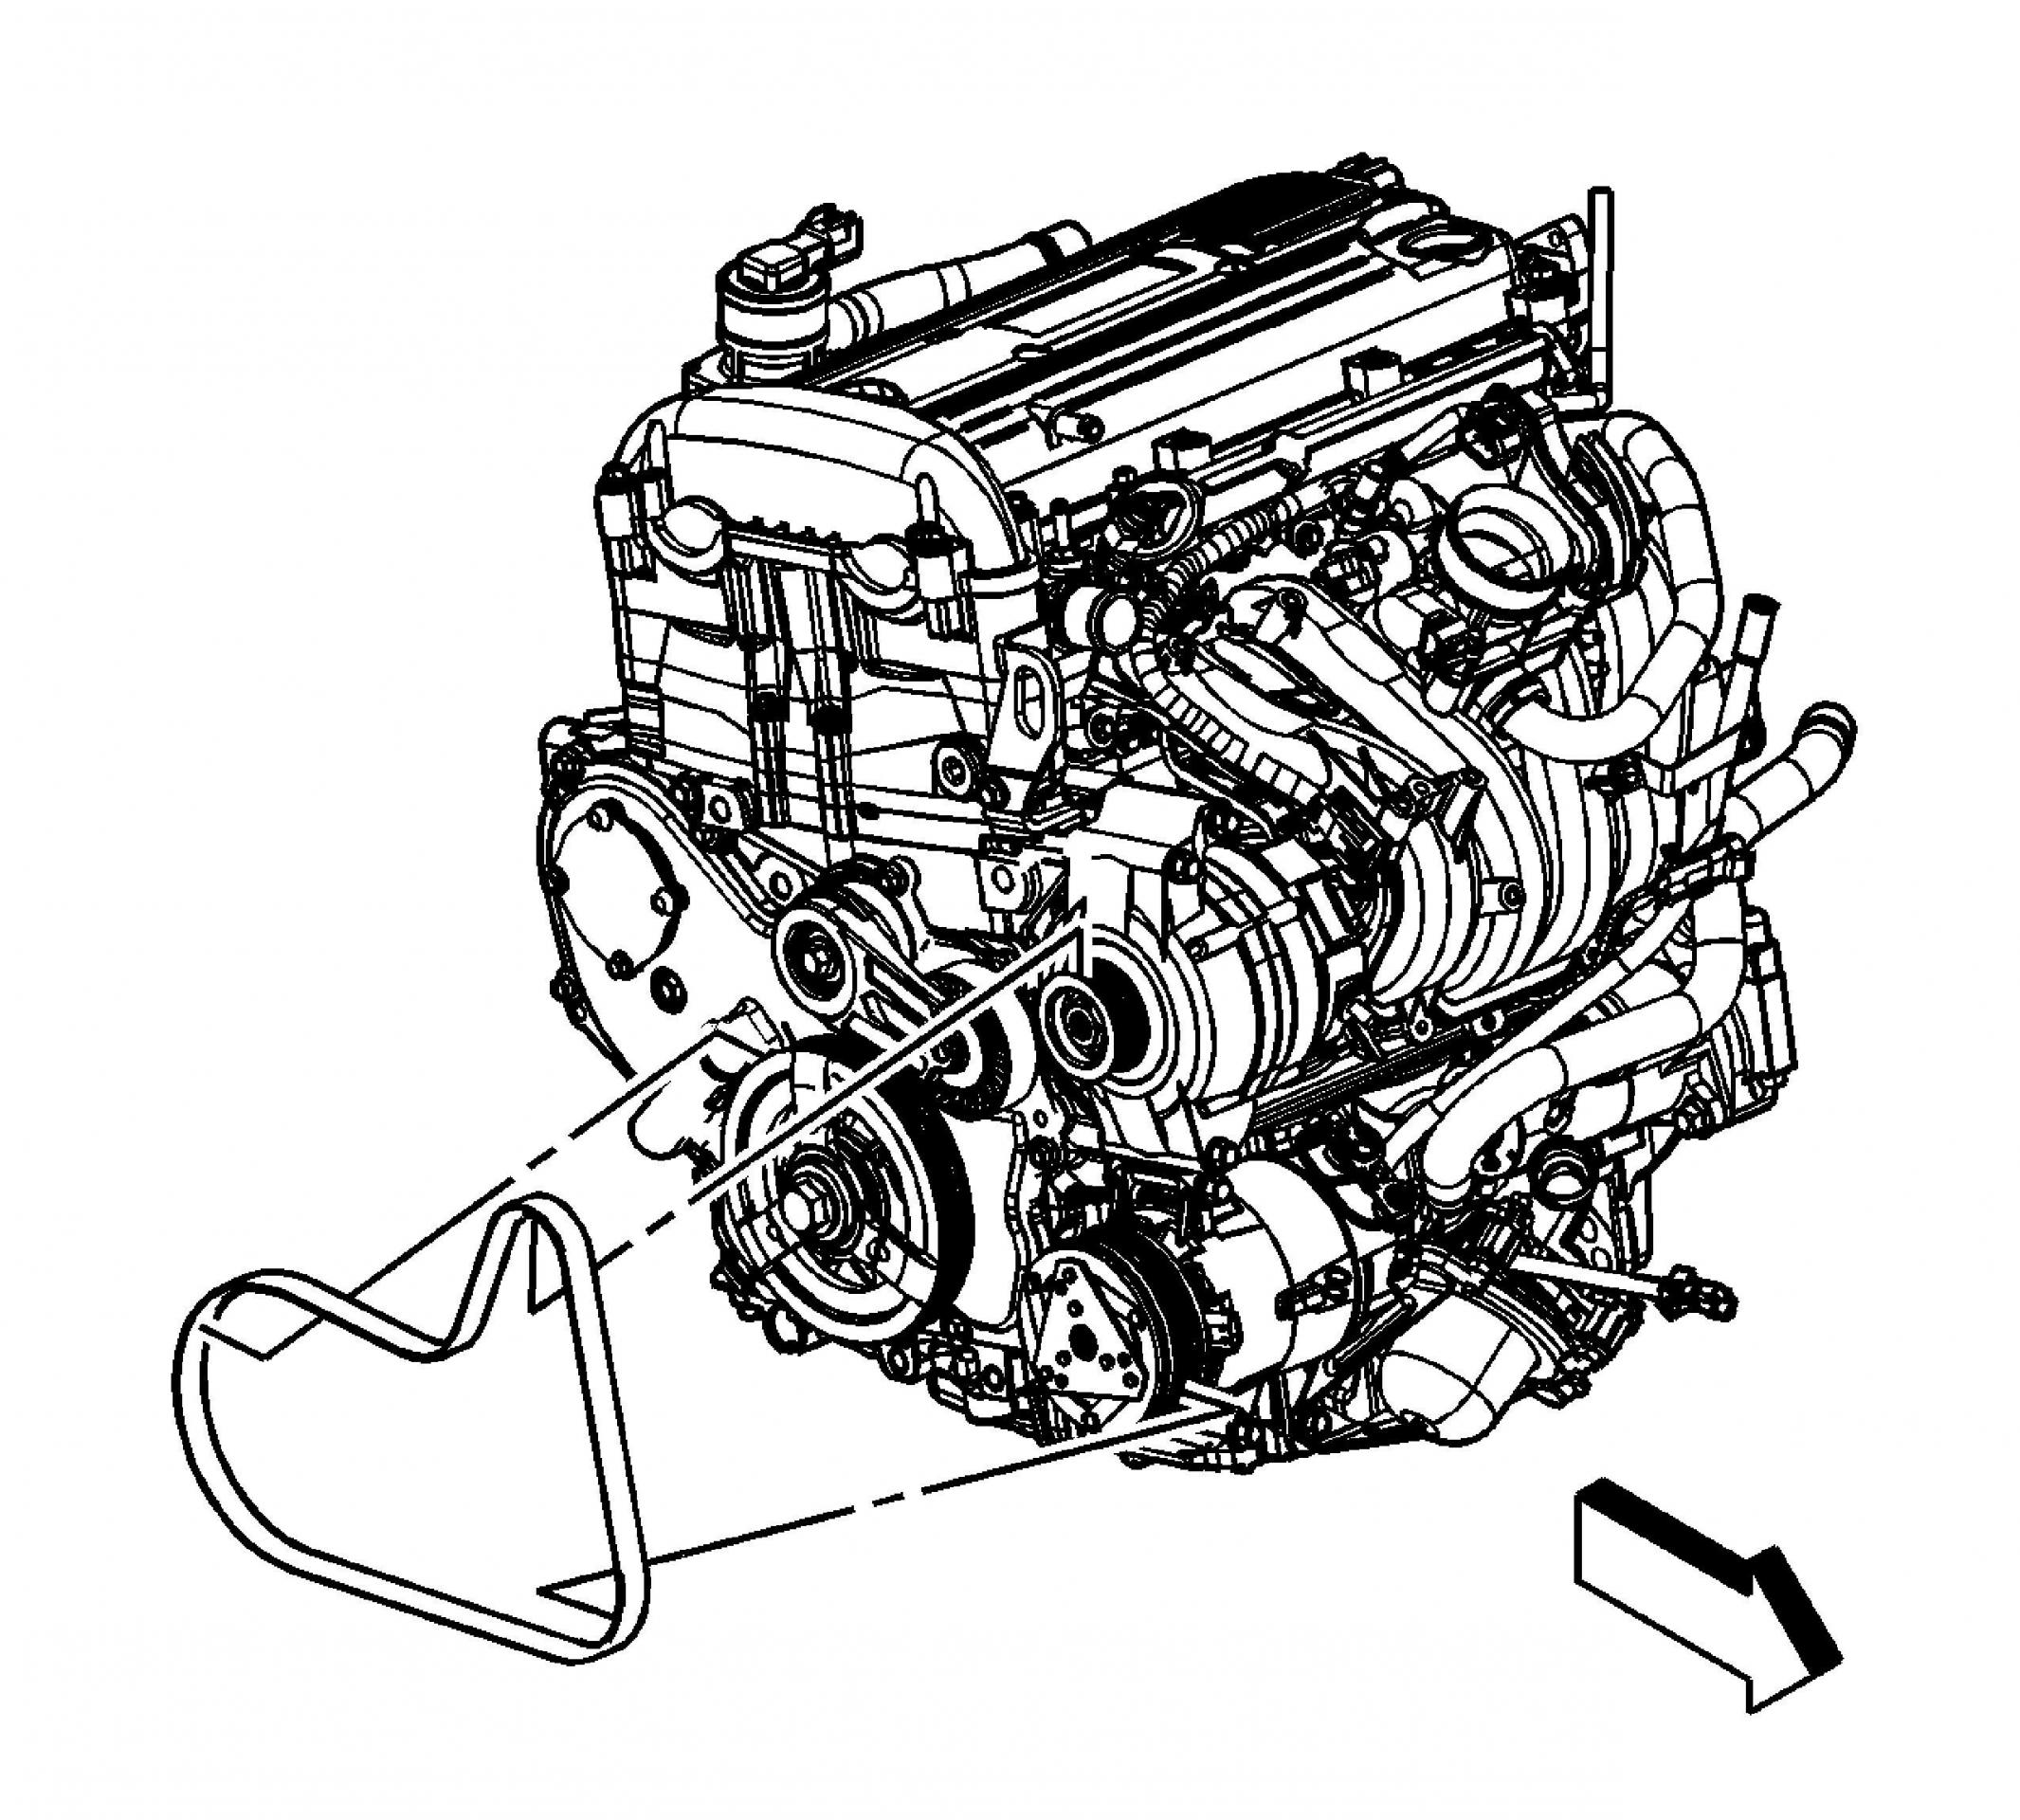 2006 chevy cobalt starter wiring diagram